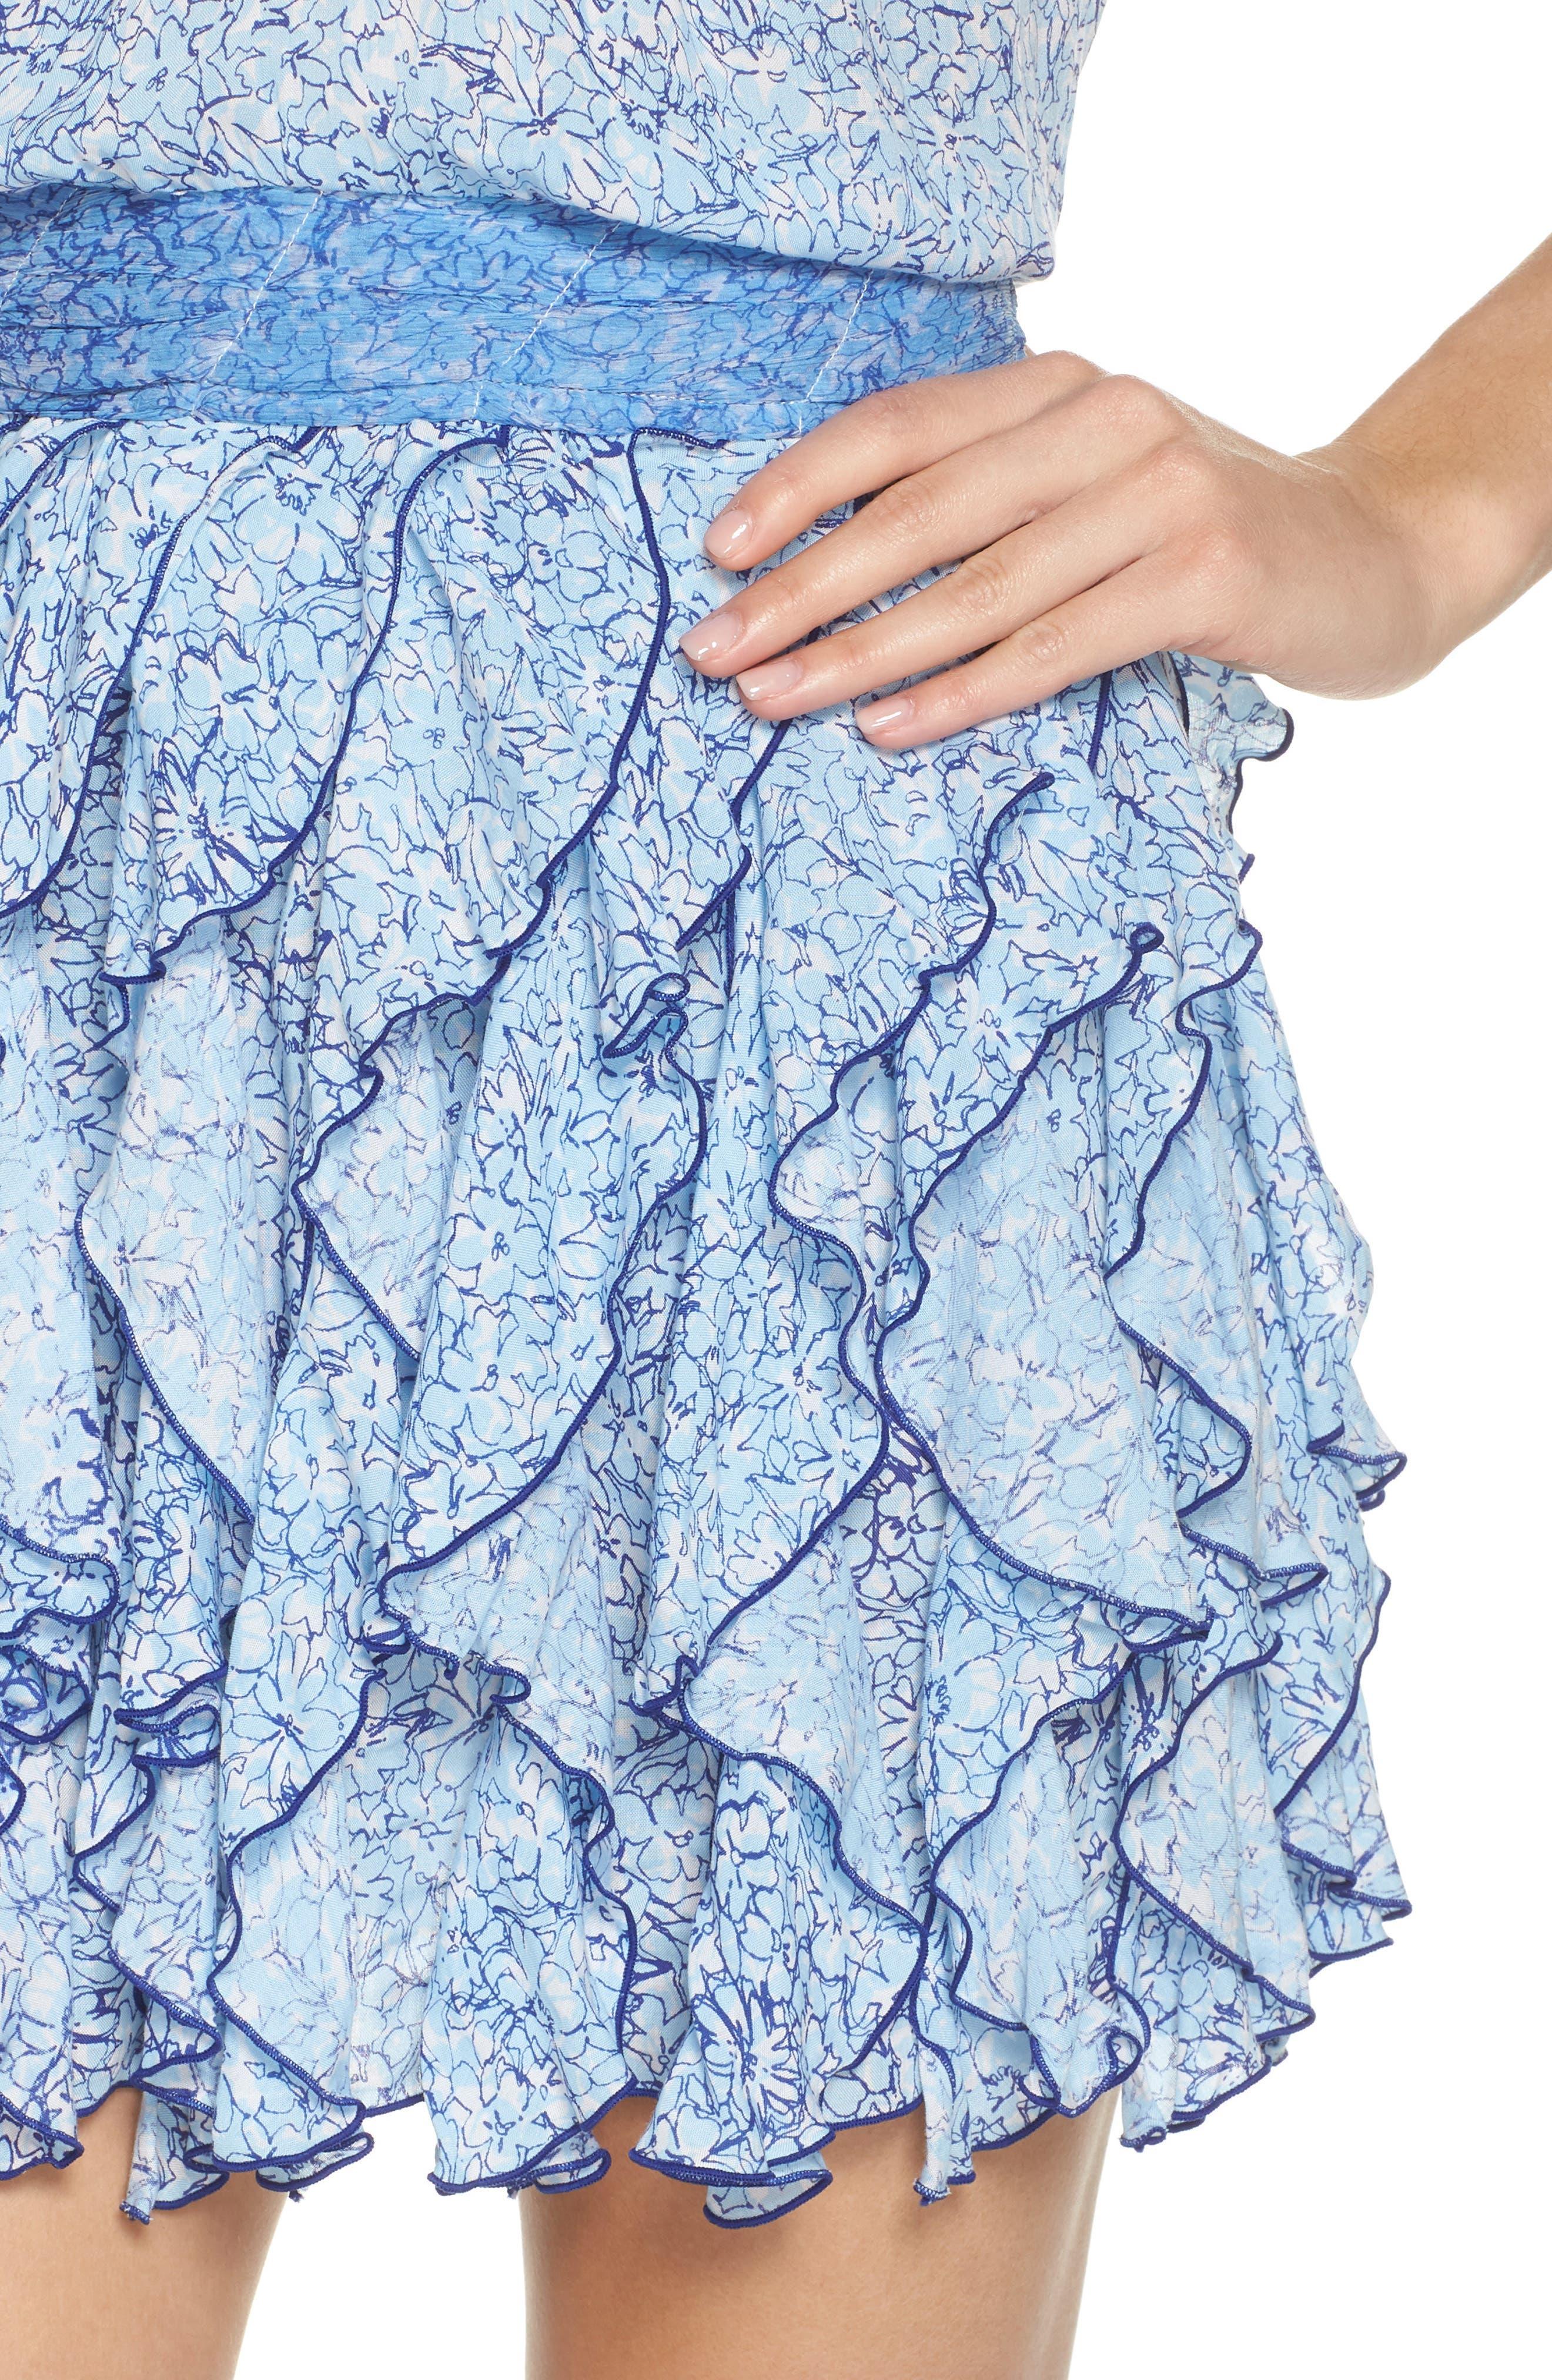 Poupette St. Barth Beline Cover-Up Dress,                             Alternate thumbnail 4, color,                             400